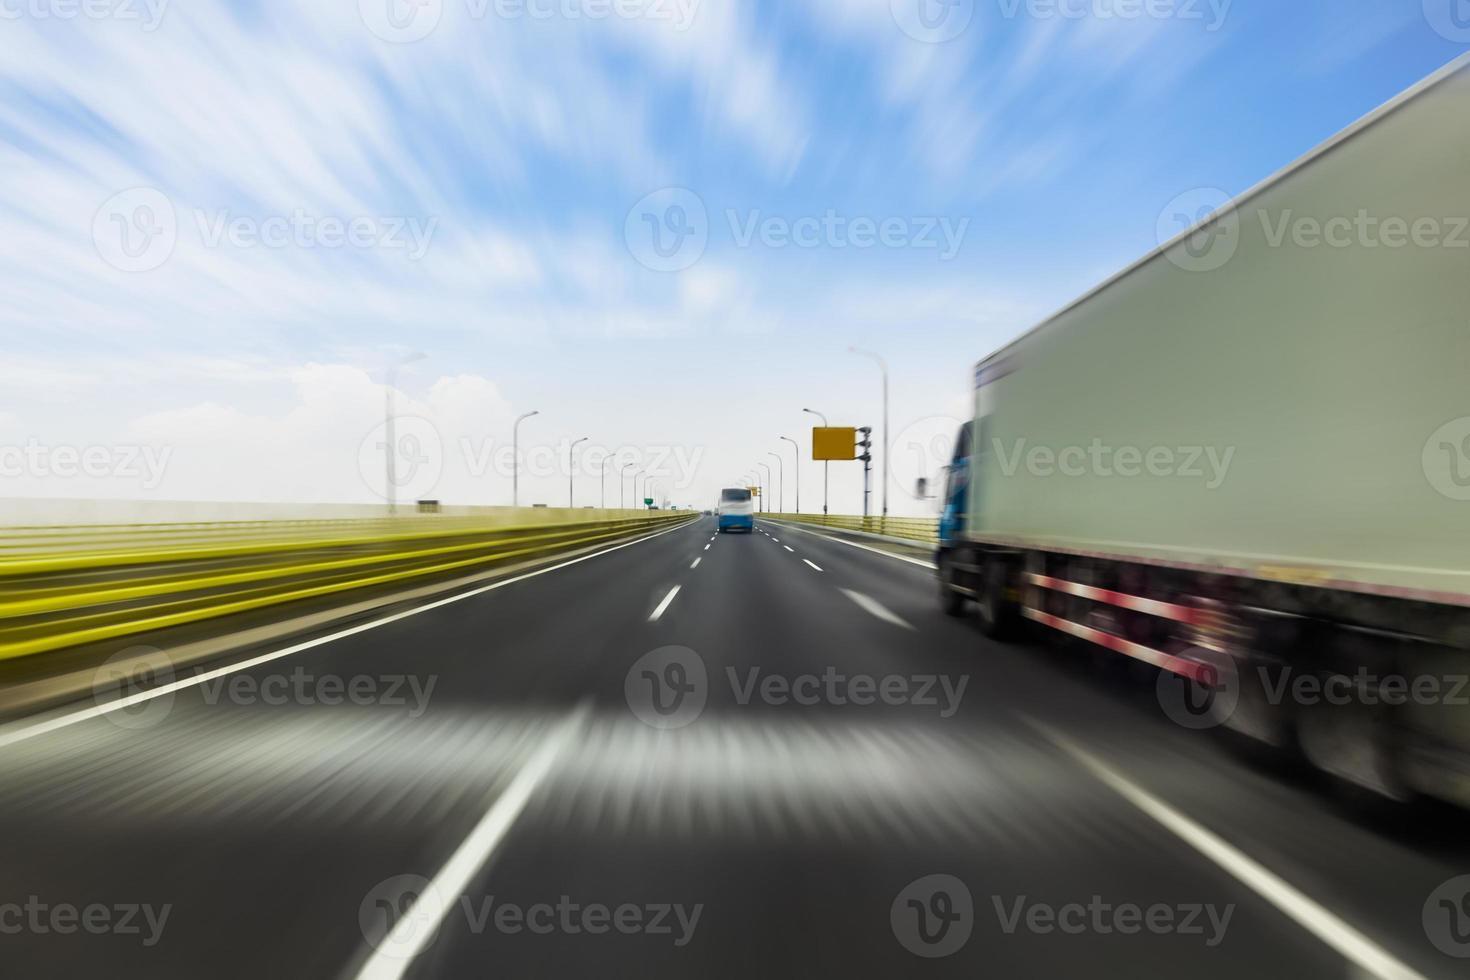 camion su una strada veloce veloce, motion blur foto